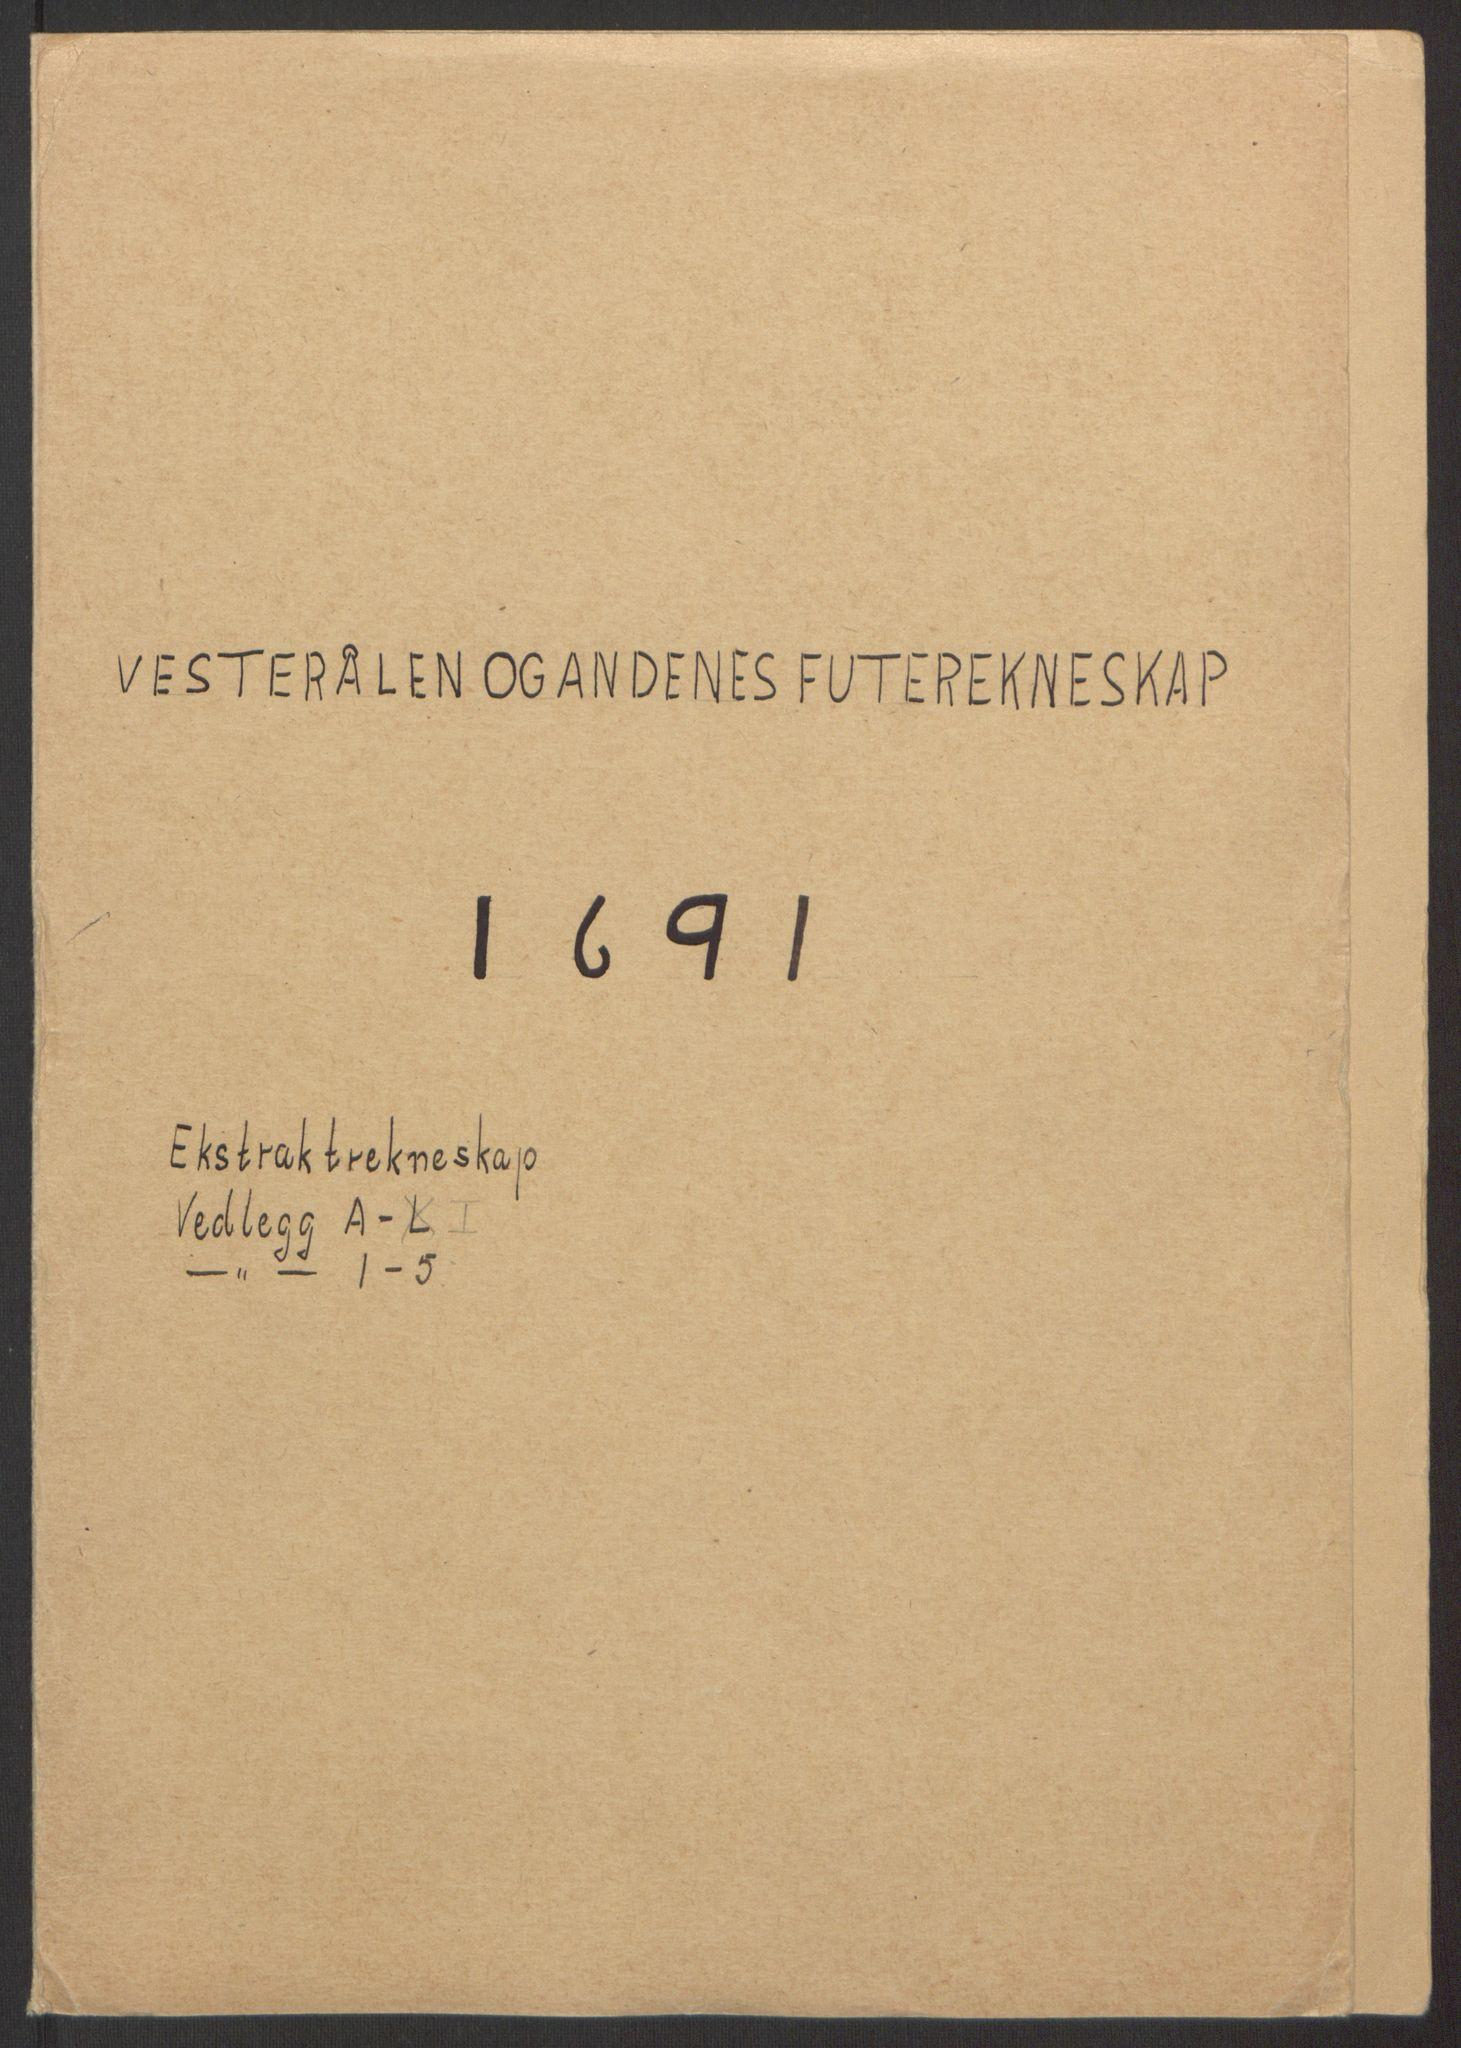 RA, Rentekammeret inntil 1814, Reviderte regnskaper, Fogderegnskap, R67/L4676: Fogderegnskap Vesterålen, Andenes og Lofoten, 1691-1693, s. 2